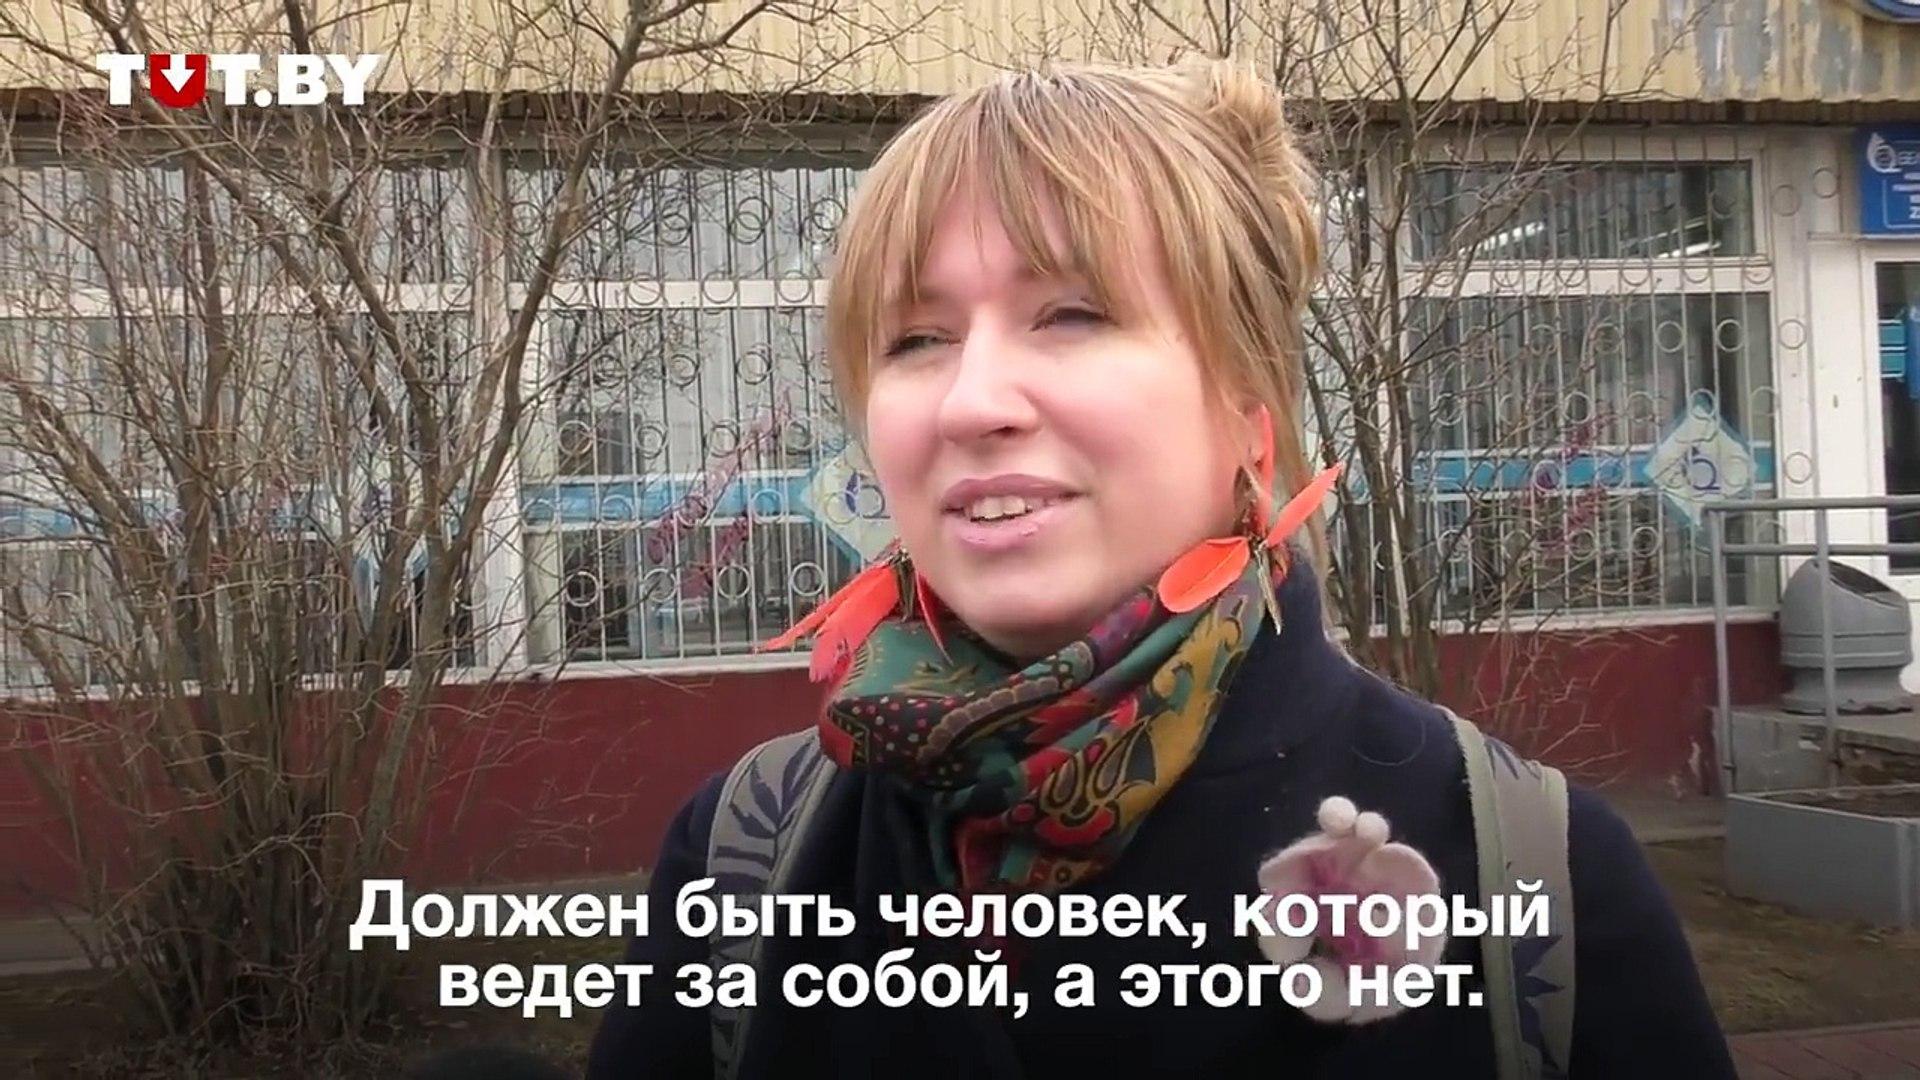 Анна Канопацкая призвала людей высказаться о том, что их не устраивает в оппозиции и что политикам нужно сделать, чтобы народ в них поверил. С этим вопросом мы